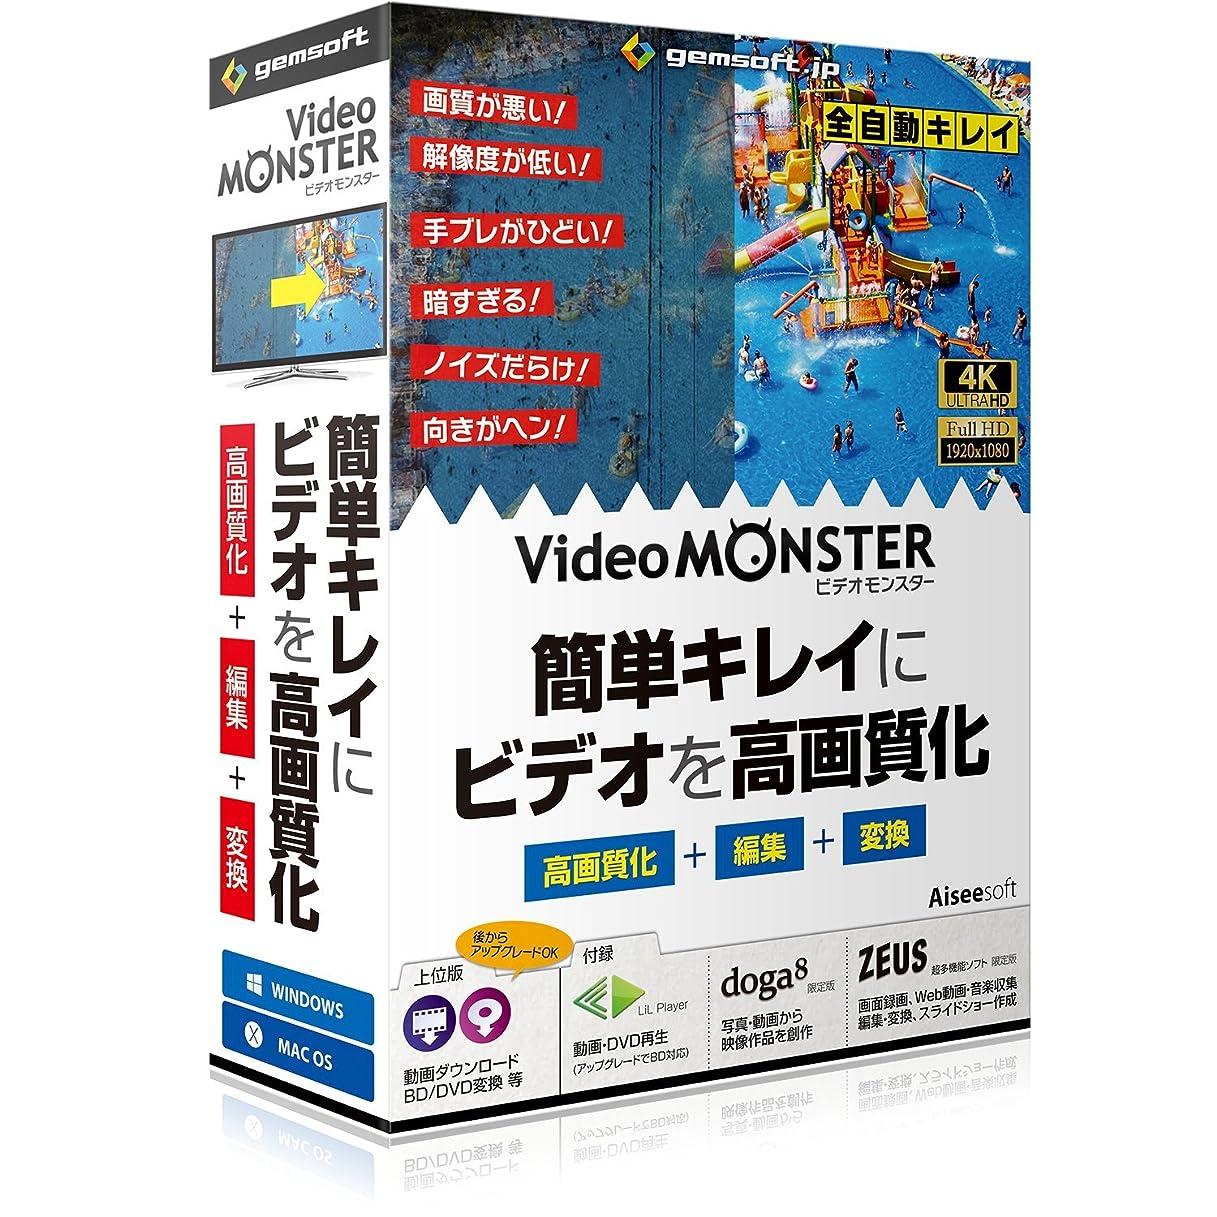 カートン勇気のある思慮のないVideo MONSTER ?ビデオを簡単キレイに高画質化?編集?変換! | ボックス版 | Win or Mac対応